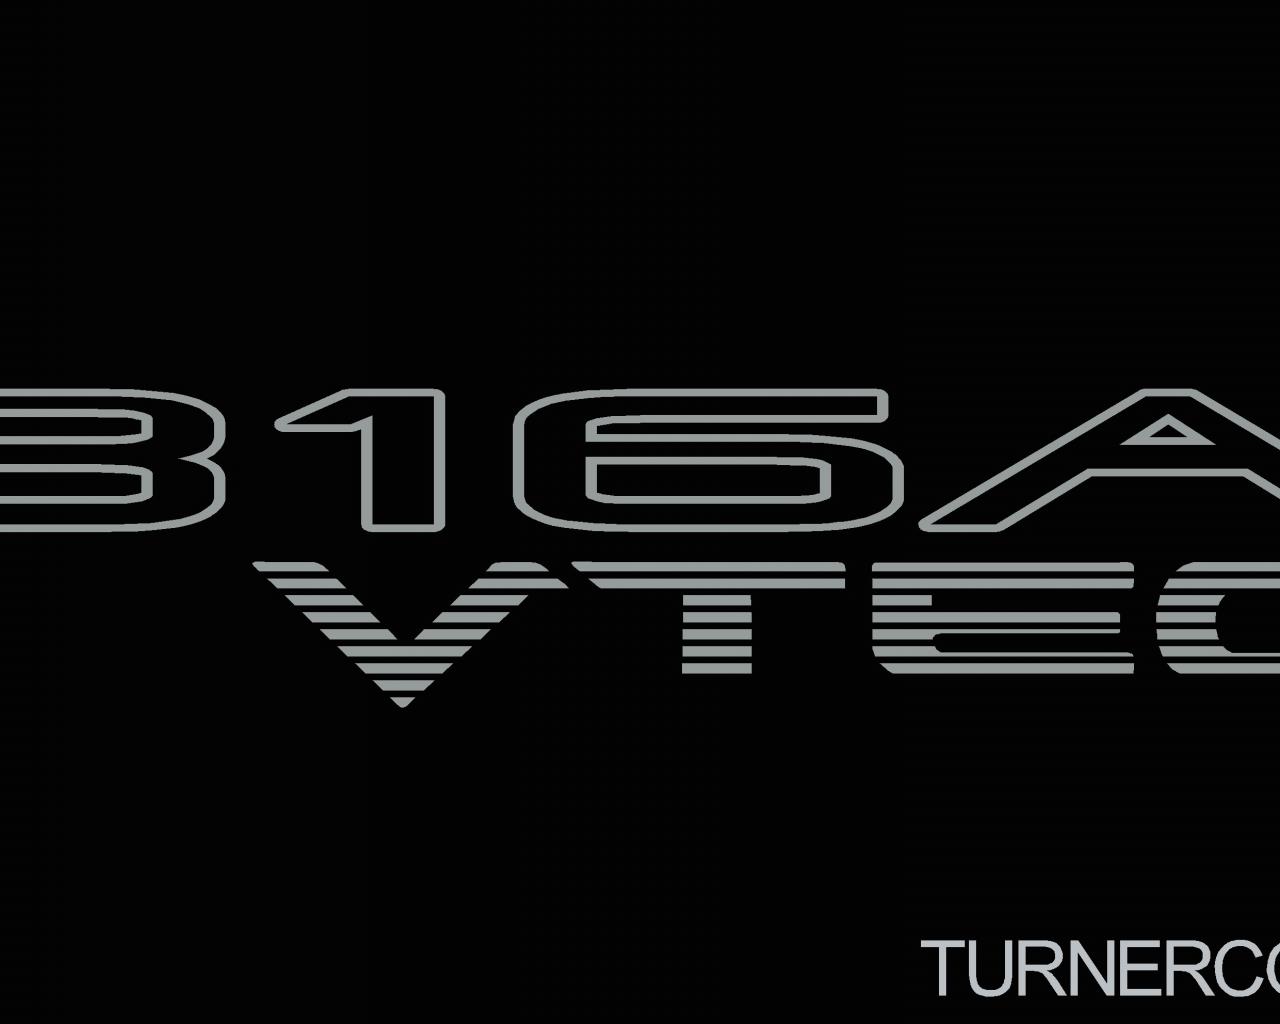 download 2x B16A VTEC honda stickers Decals For DOHC Honda 1280x1024